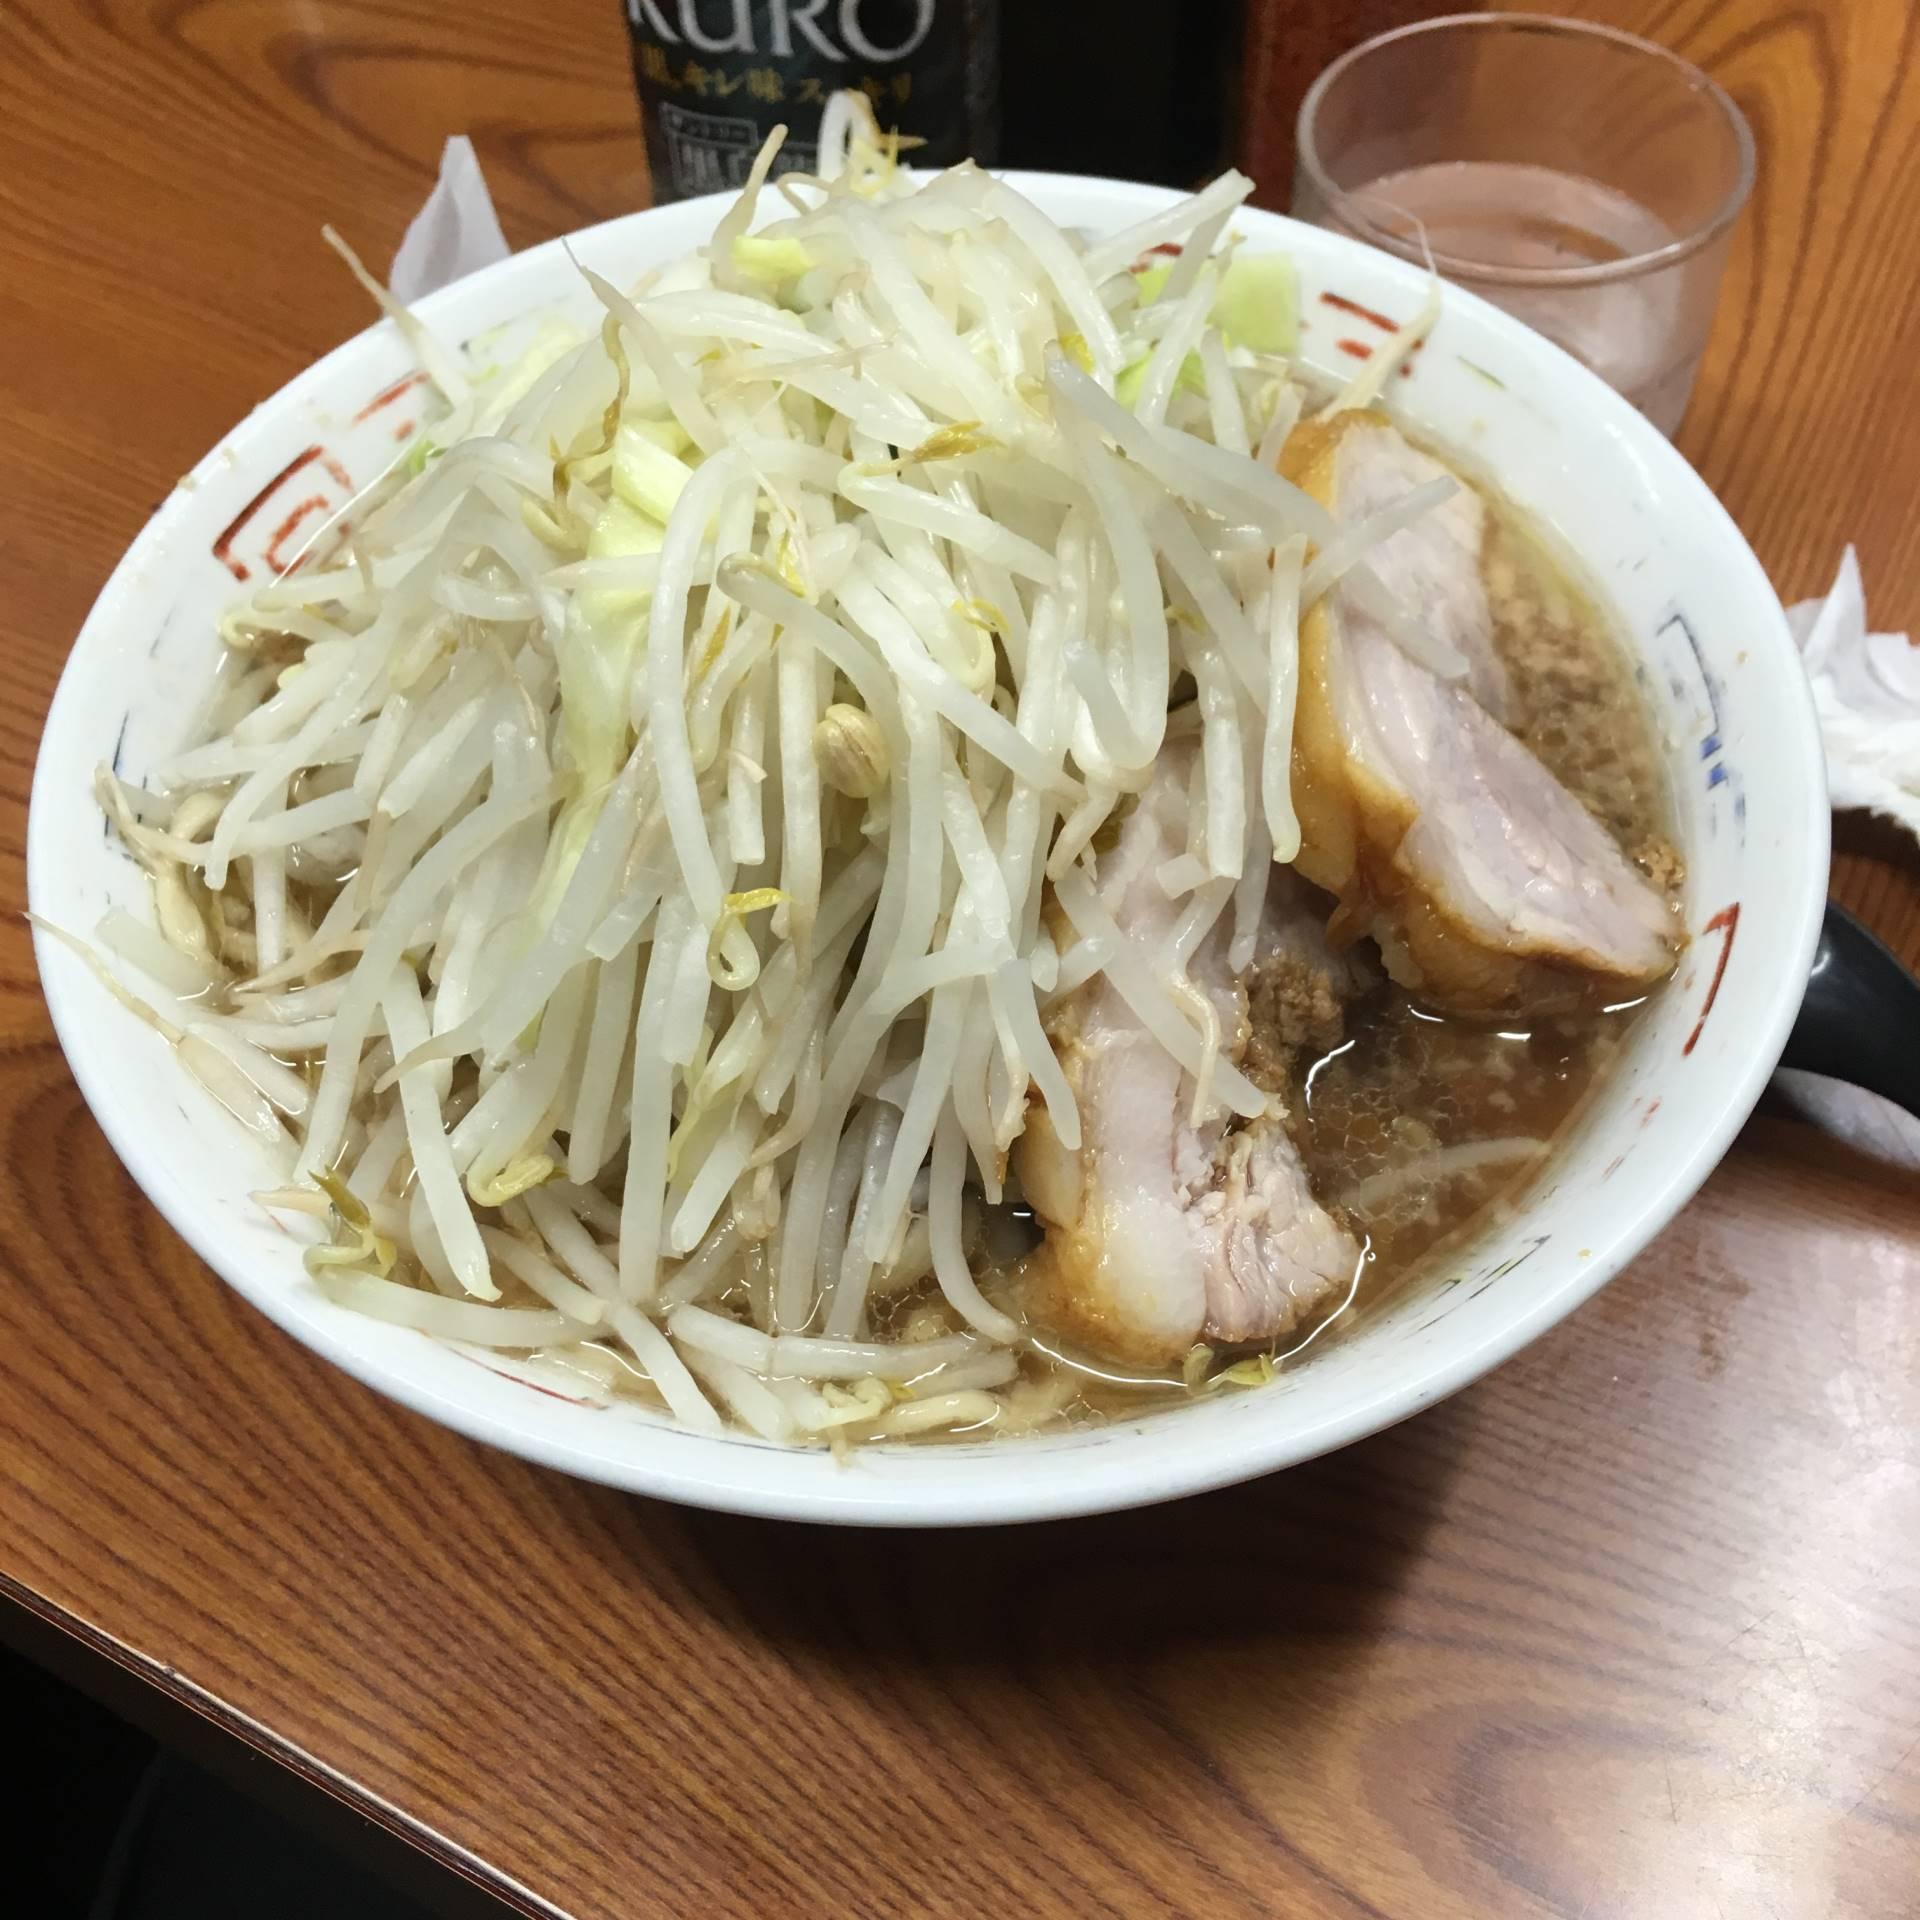 ラーメン730円「ヤサイニンニク」で注文